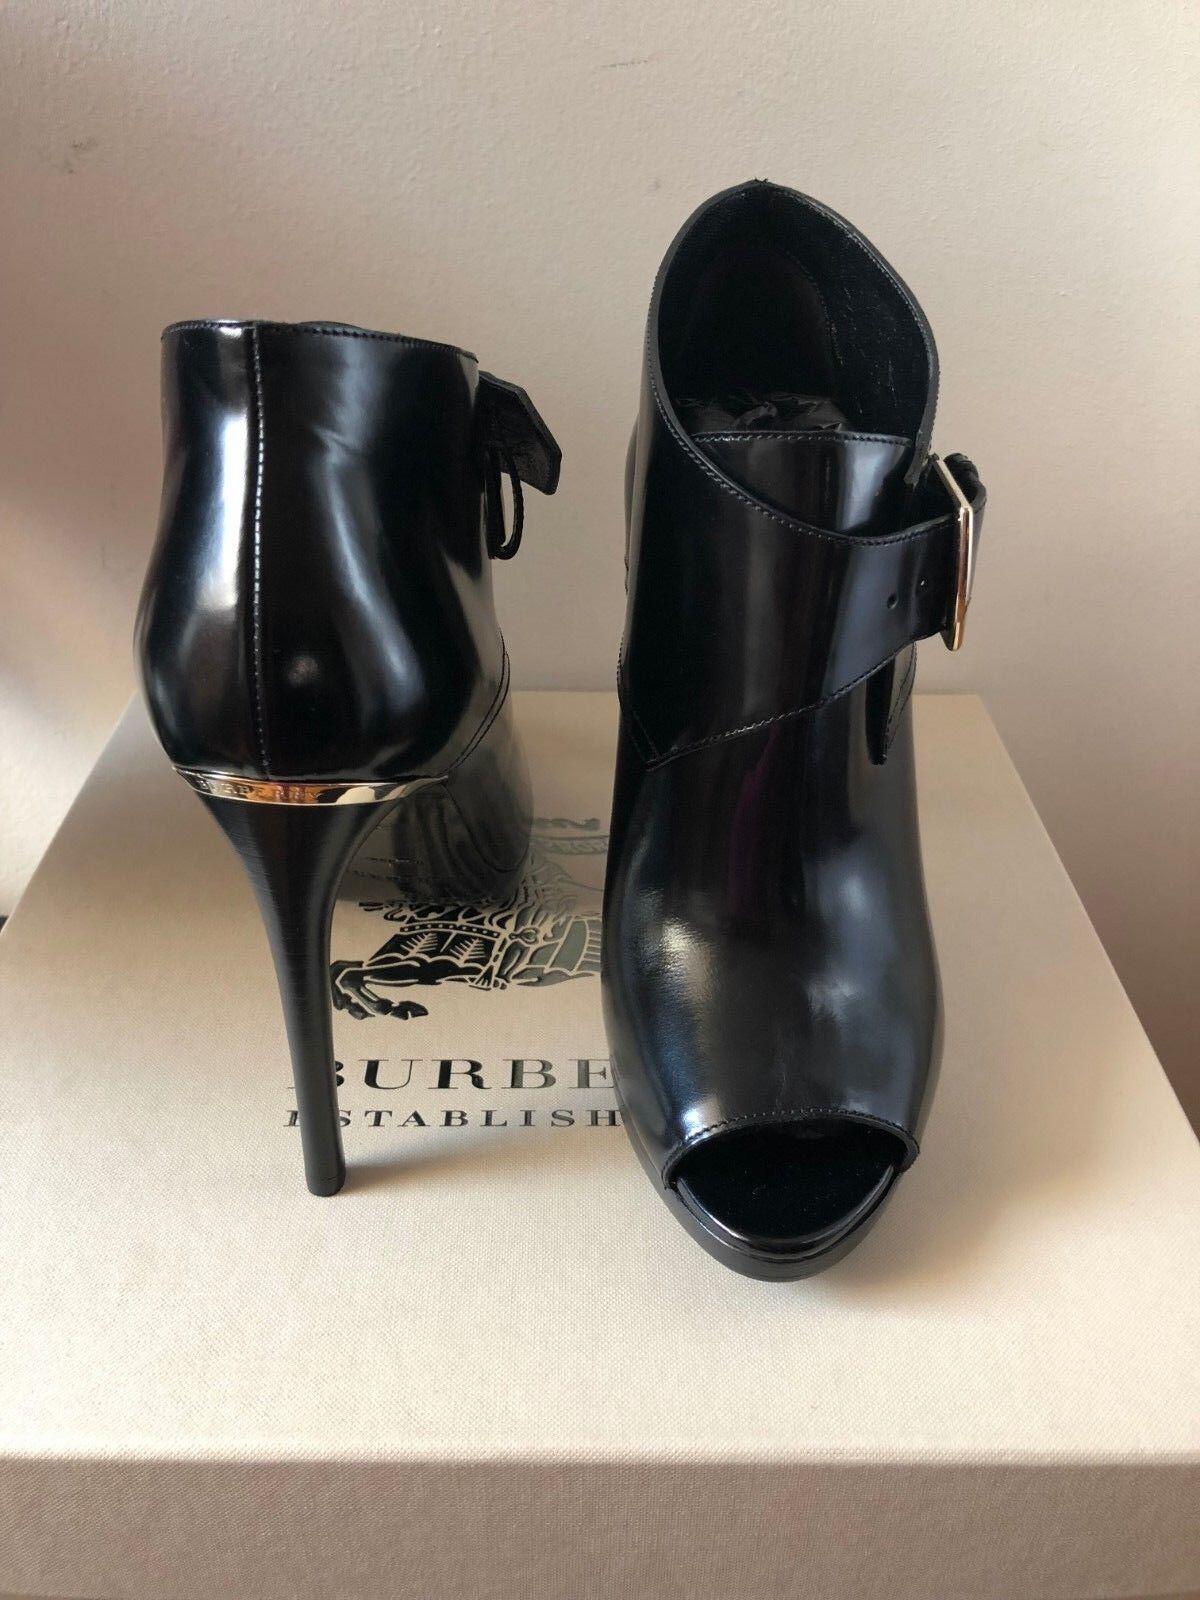 Nuevo Burberry holtsmere Peep Toe Toe Toe Tobillo Zapatos botas Botines De Cuero Negro 6.5 7  el mas reciente